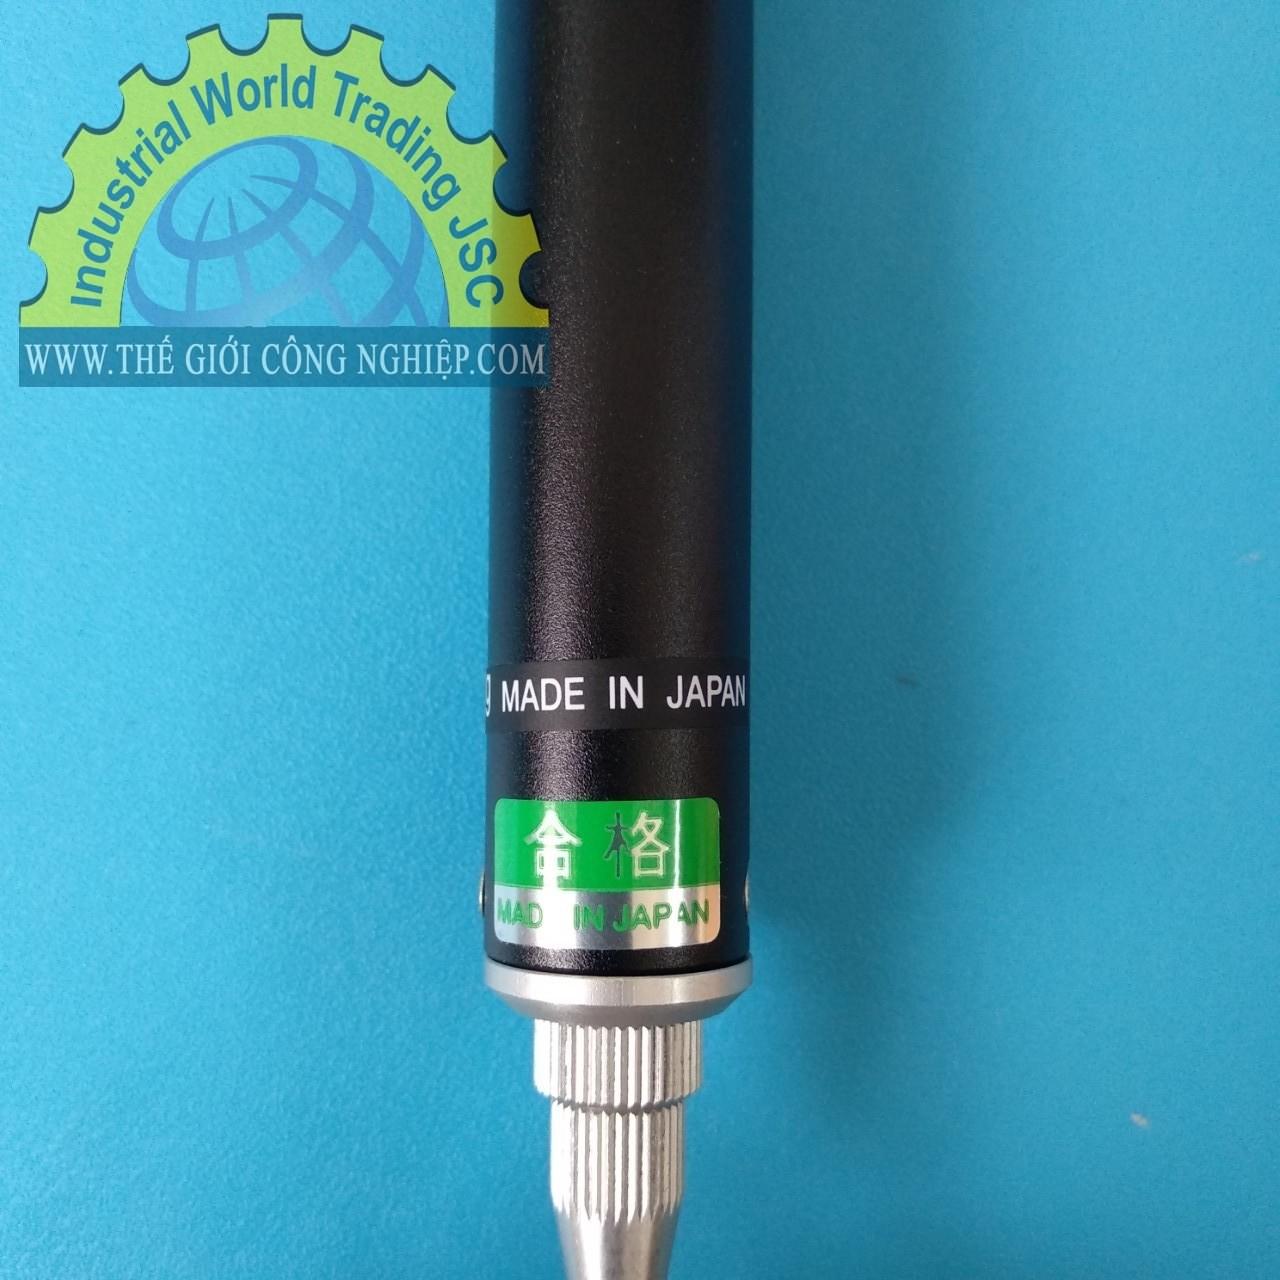 Thiết bị đo lực căng 0-110cN  TK110cN Kanon